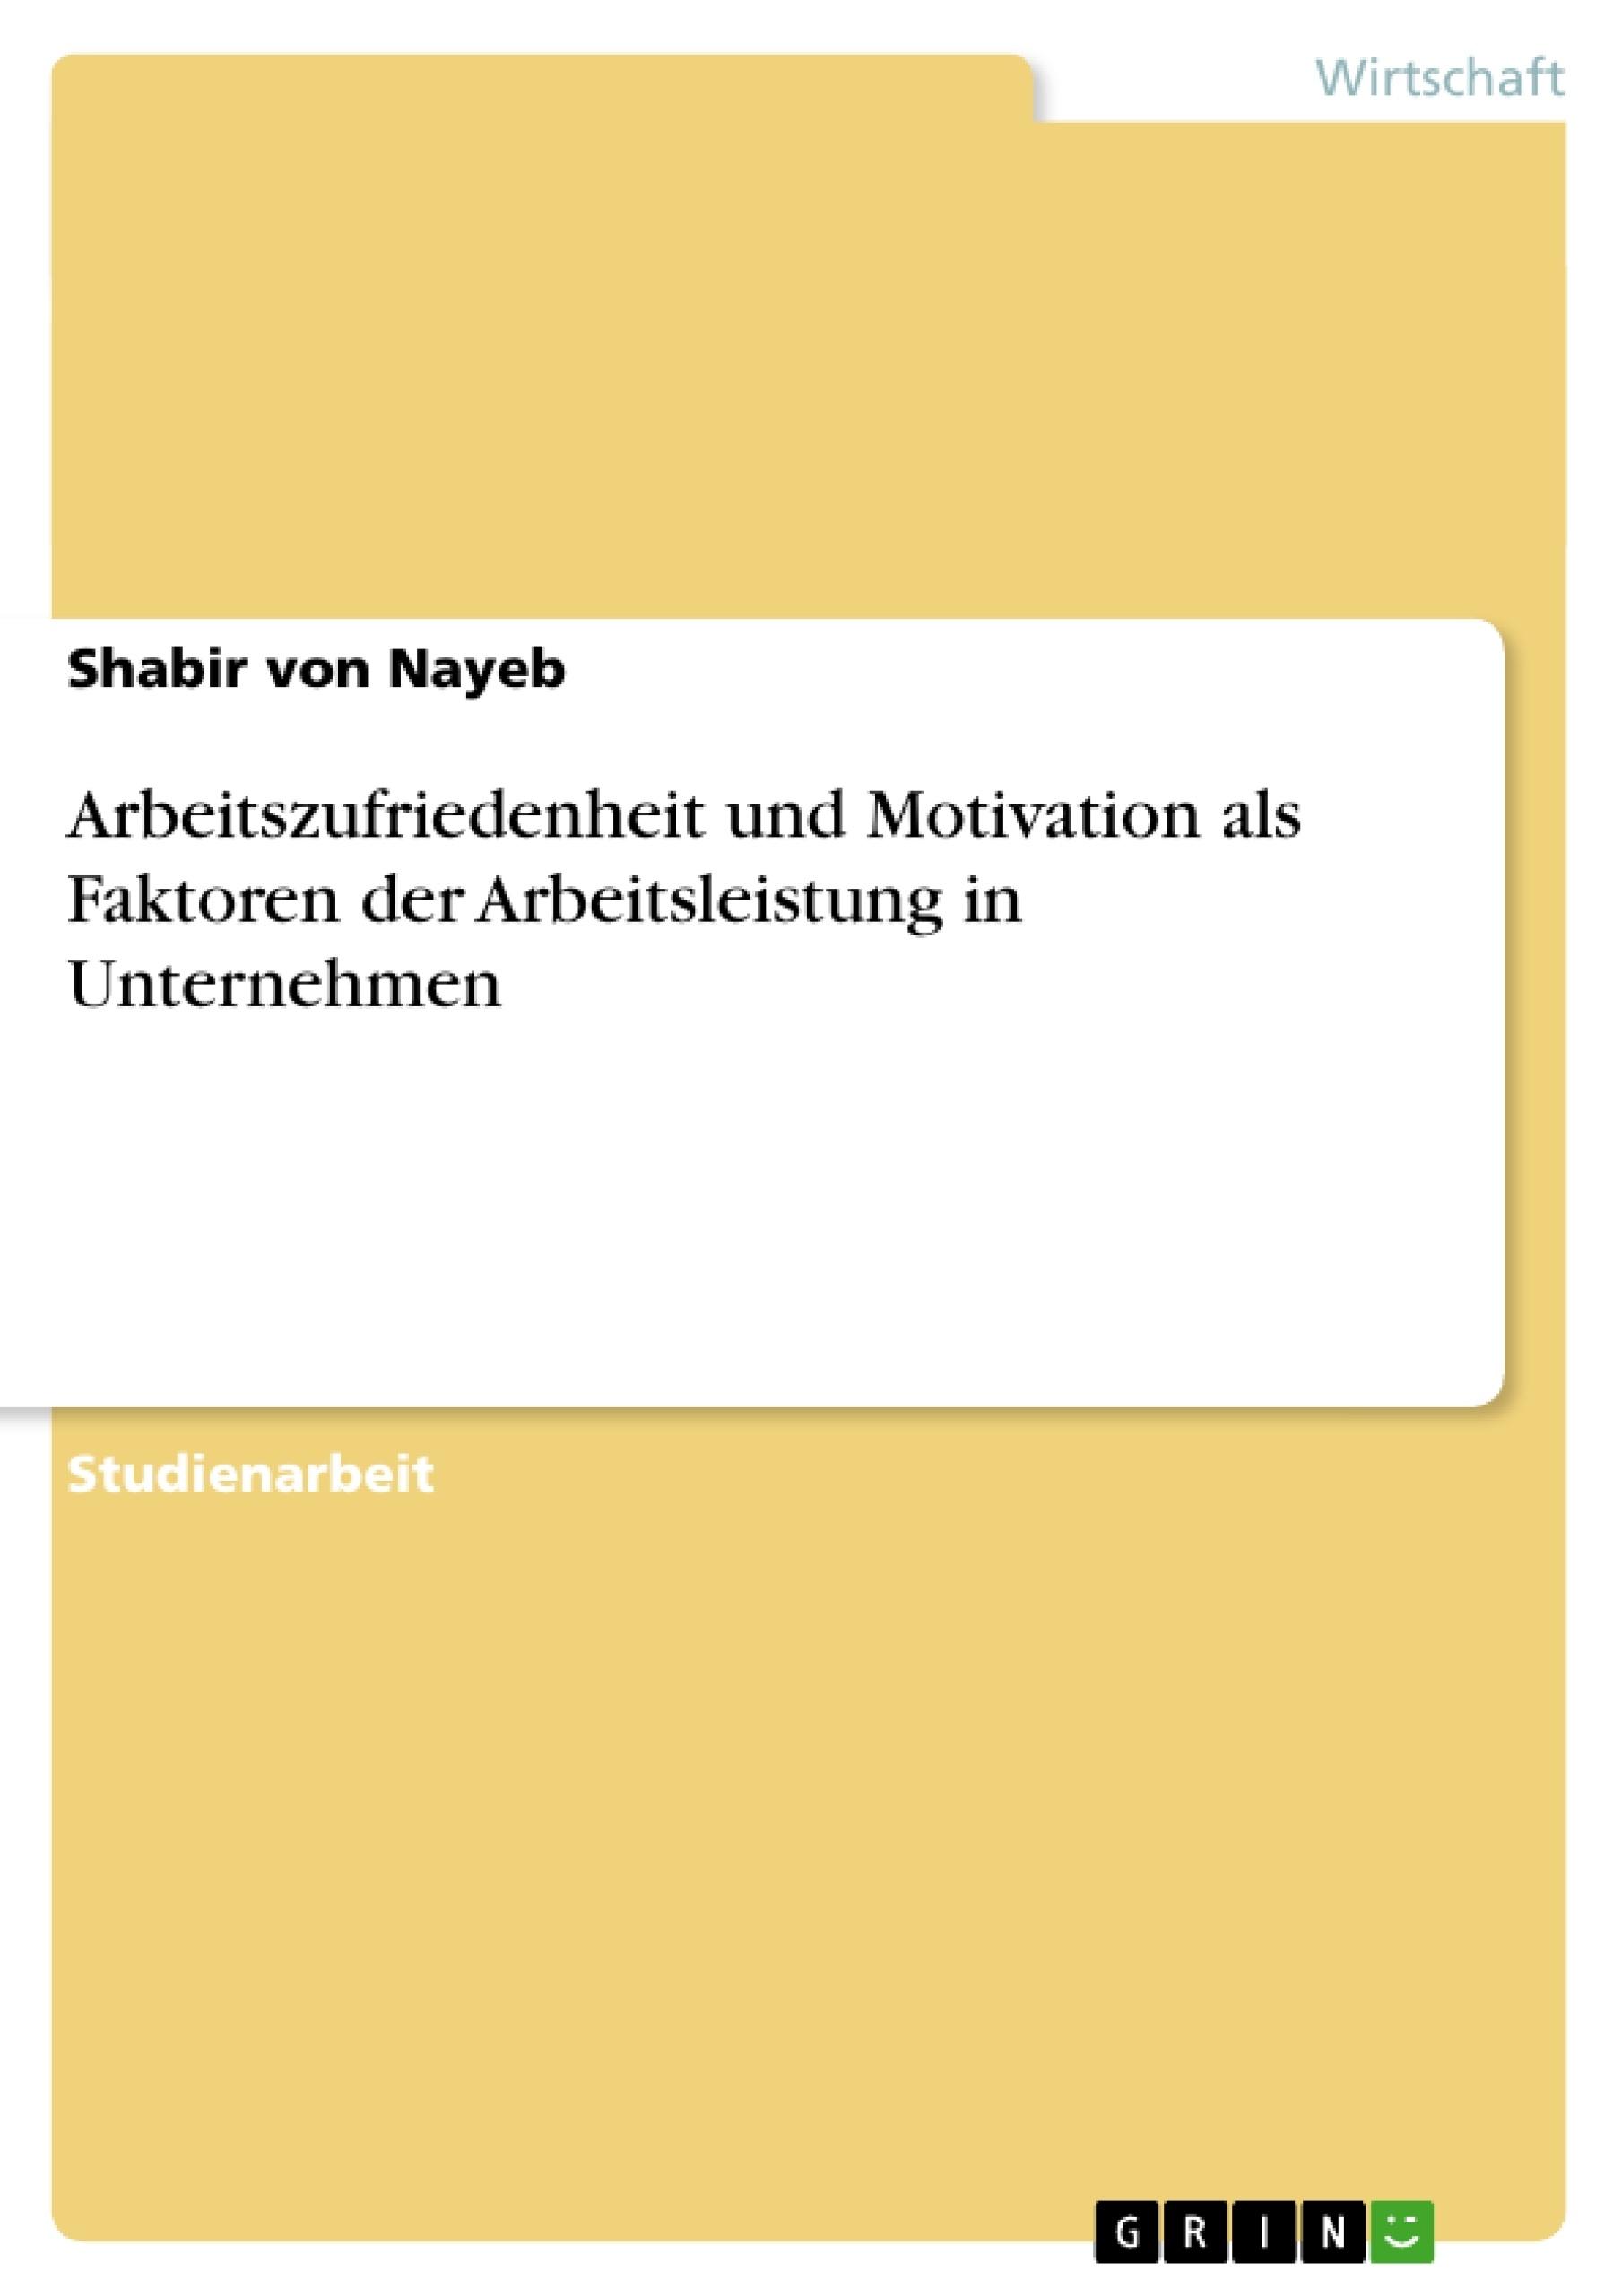 Titel: Arbeitszufriedenheit und Motivation als Faktoren der Arbeitsleistung in Unternehmen